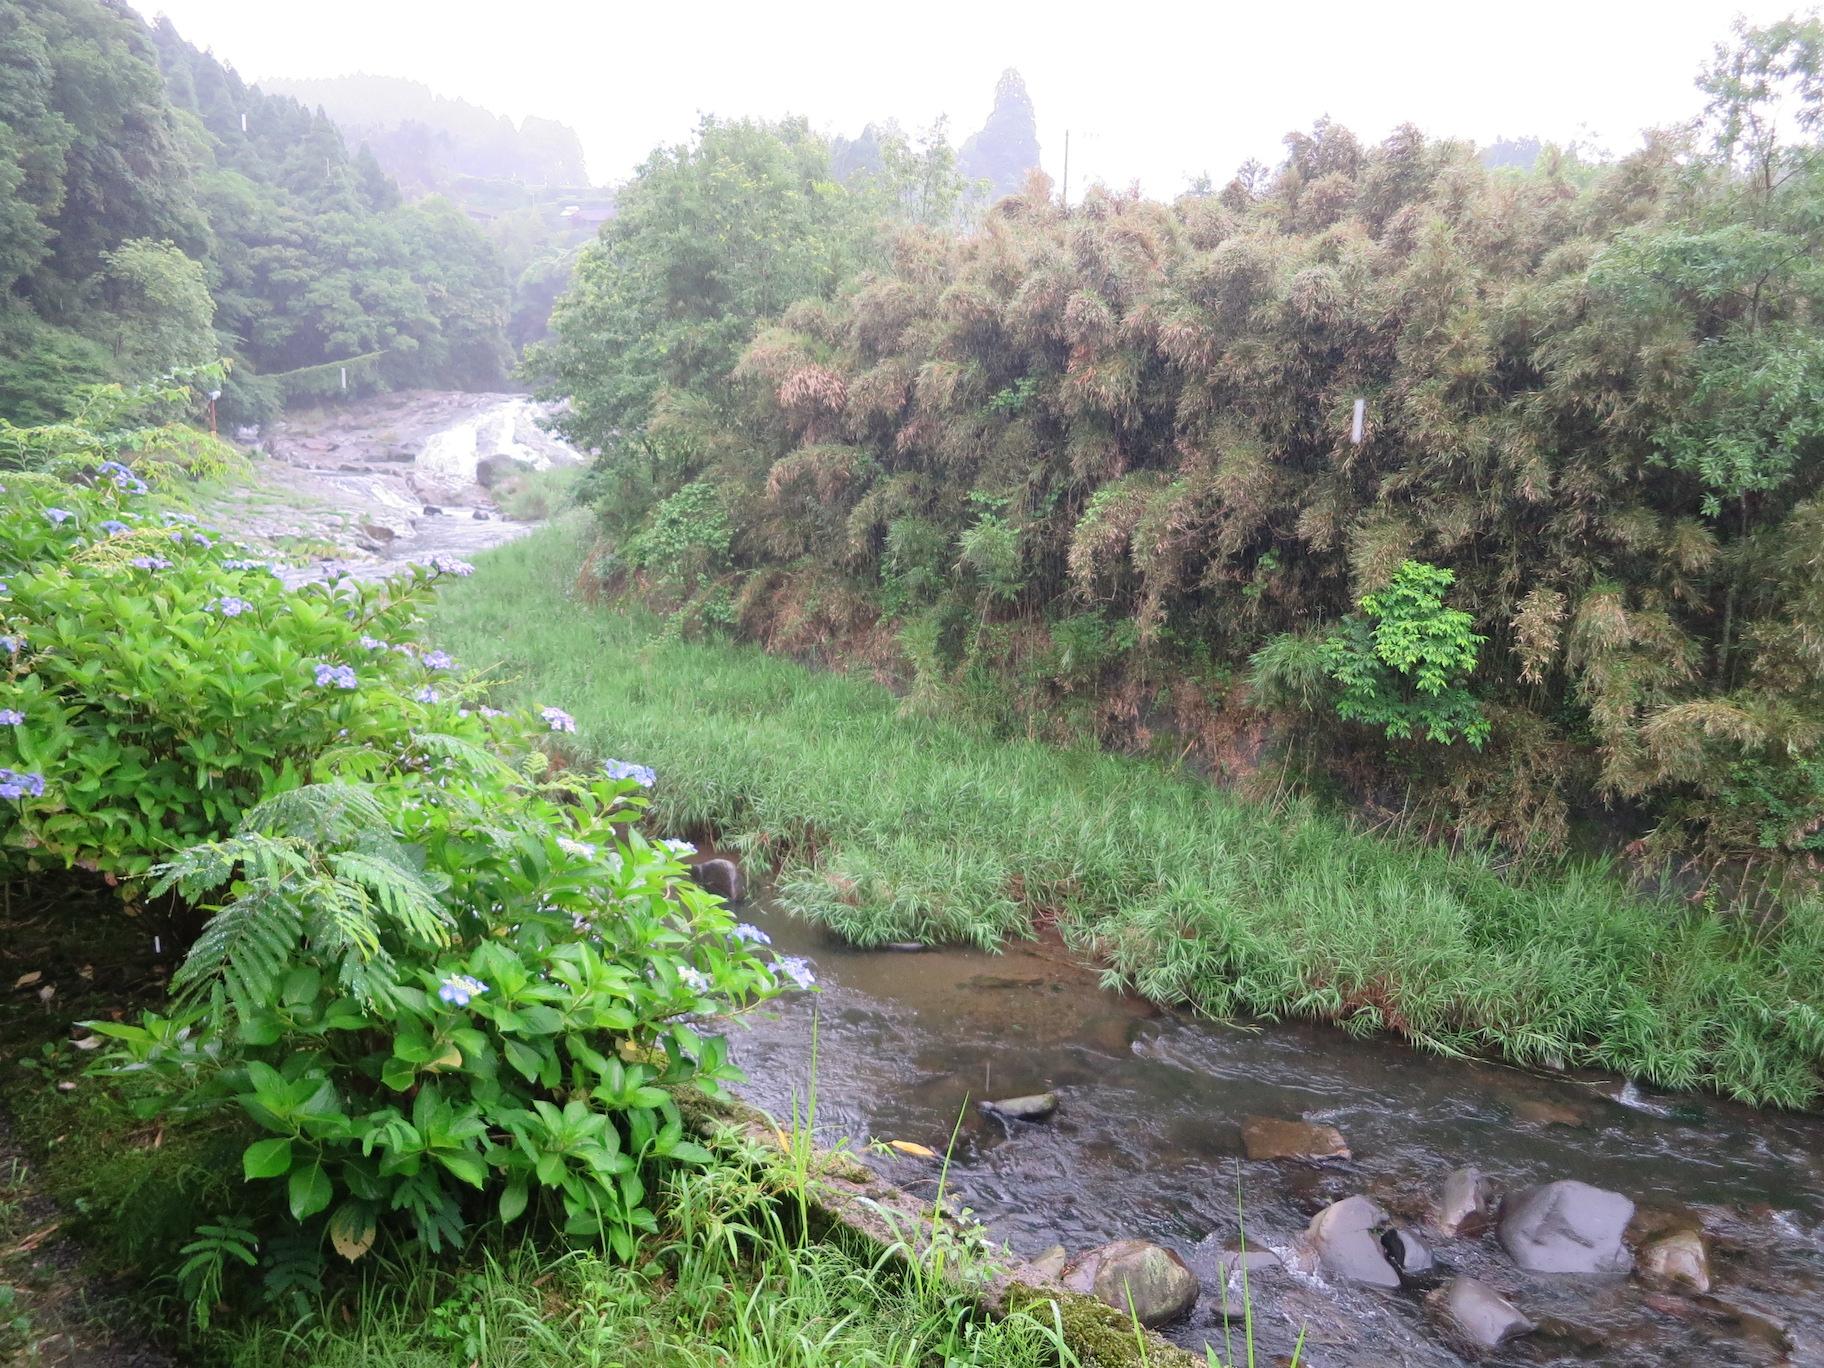 松葉ごろん亭の隣の渓流